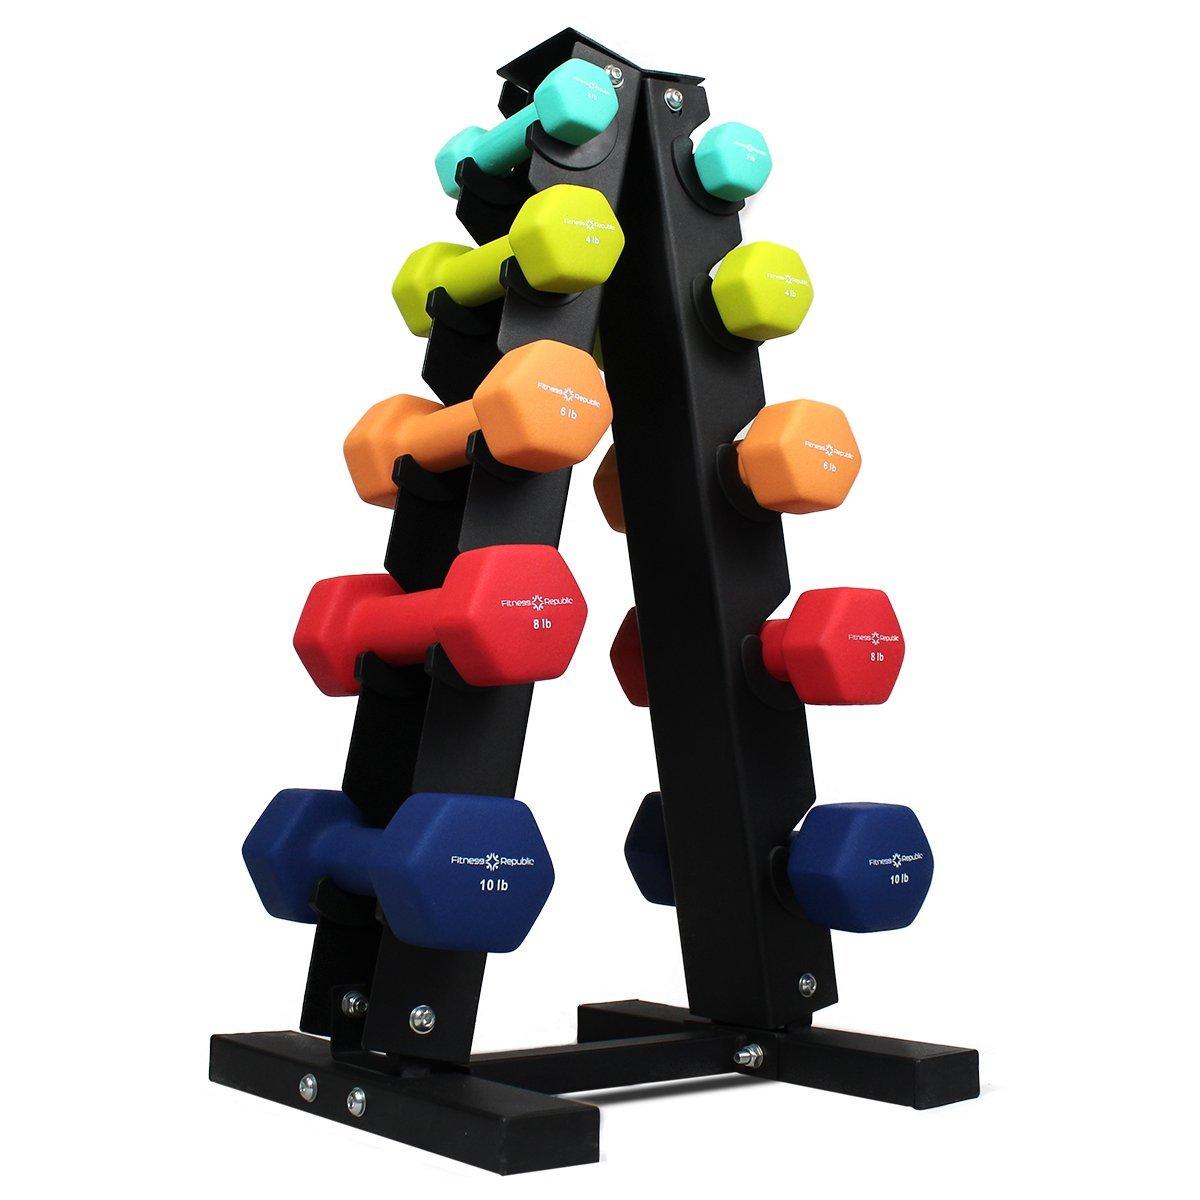 Fitness Republic Neoprene Dumbbells Pairs (2lb, 4lb, 6lb, 8lb, 10lb) with 5 Tier Rack